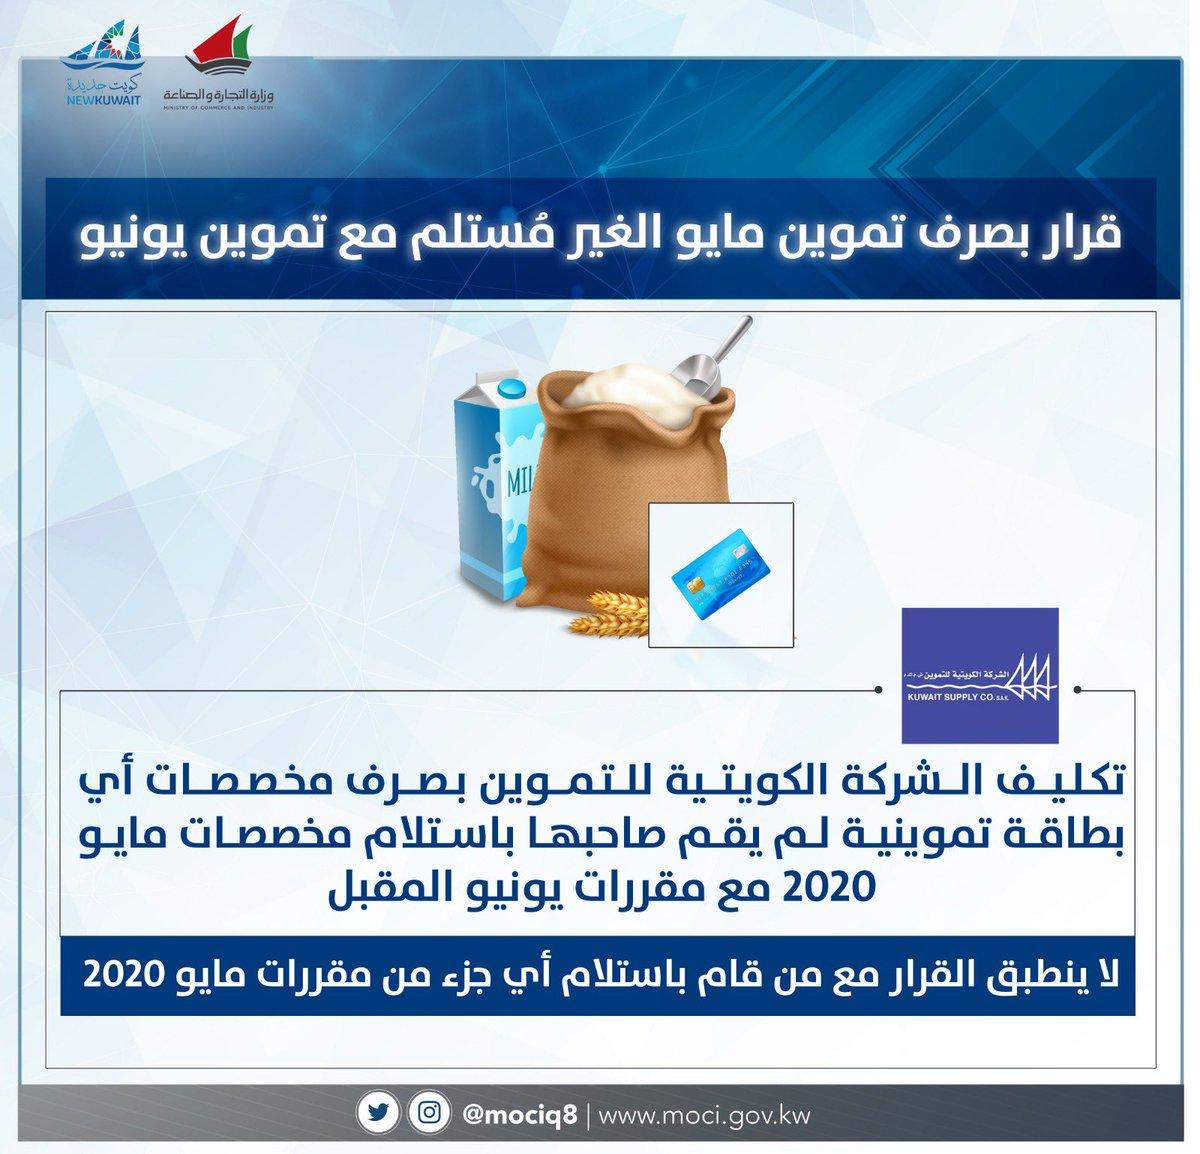 أصدرنا اليوم قراراً بتكليف الشركة الكويتية للتموين بصرف مخصصات أي بطاقة تموينية لم يصرف صاحبها مخصصات شهر مايو مع مخصصات يونيو المقبل تعزيزاً لتوافر السلع والأصناف لدى الأسر المستفيدة https://t.co/PTS0SWEgmn